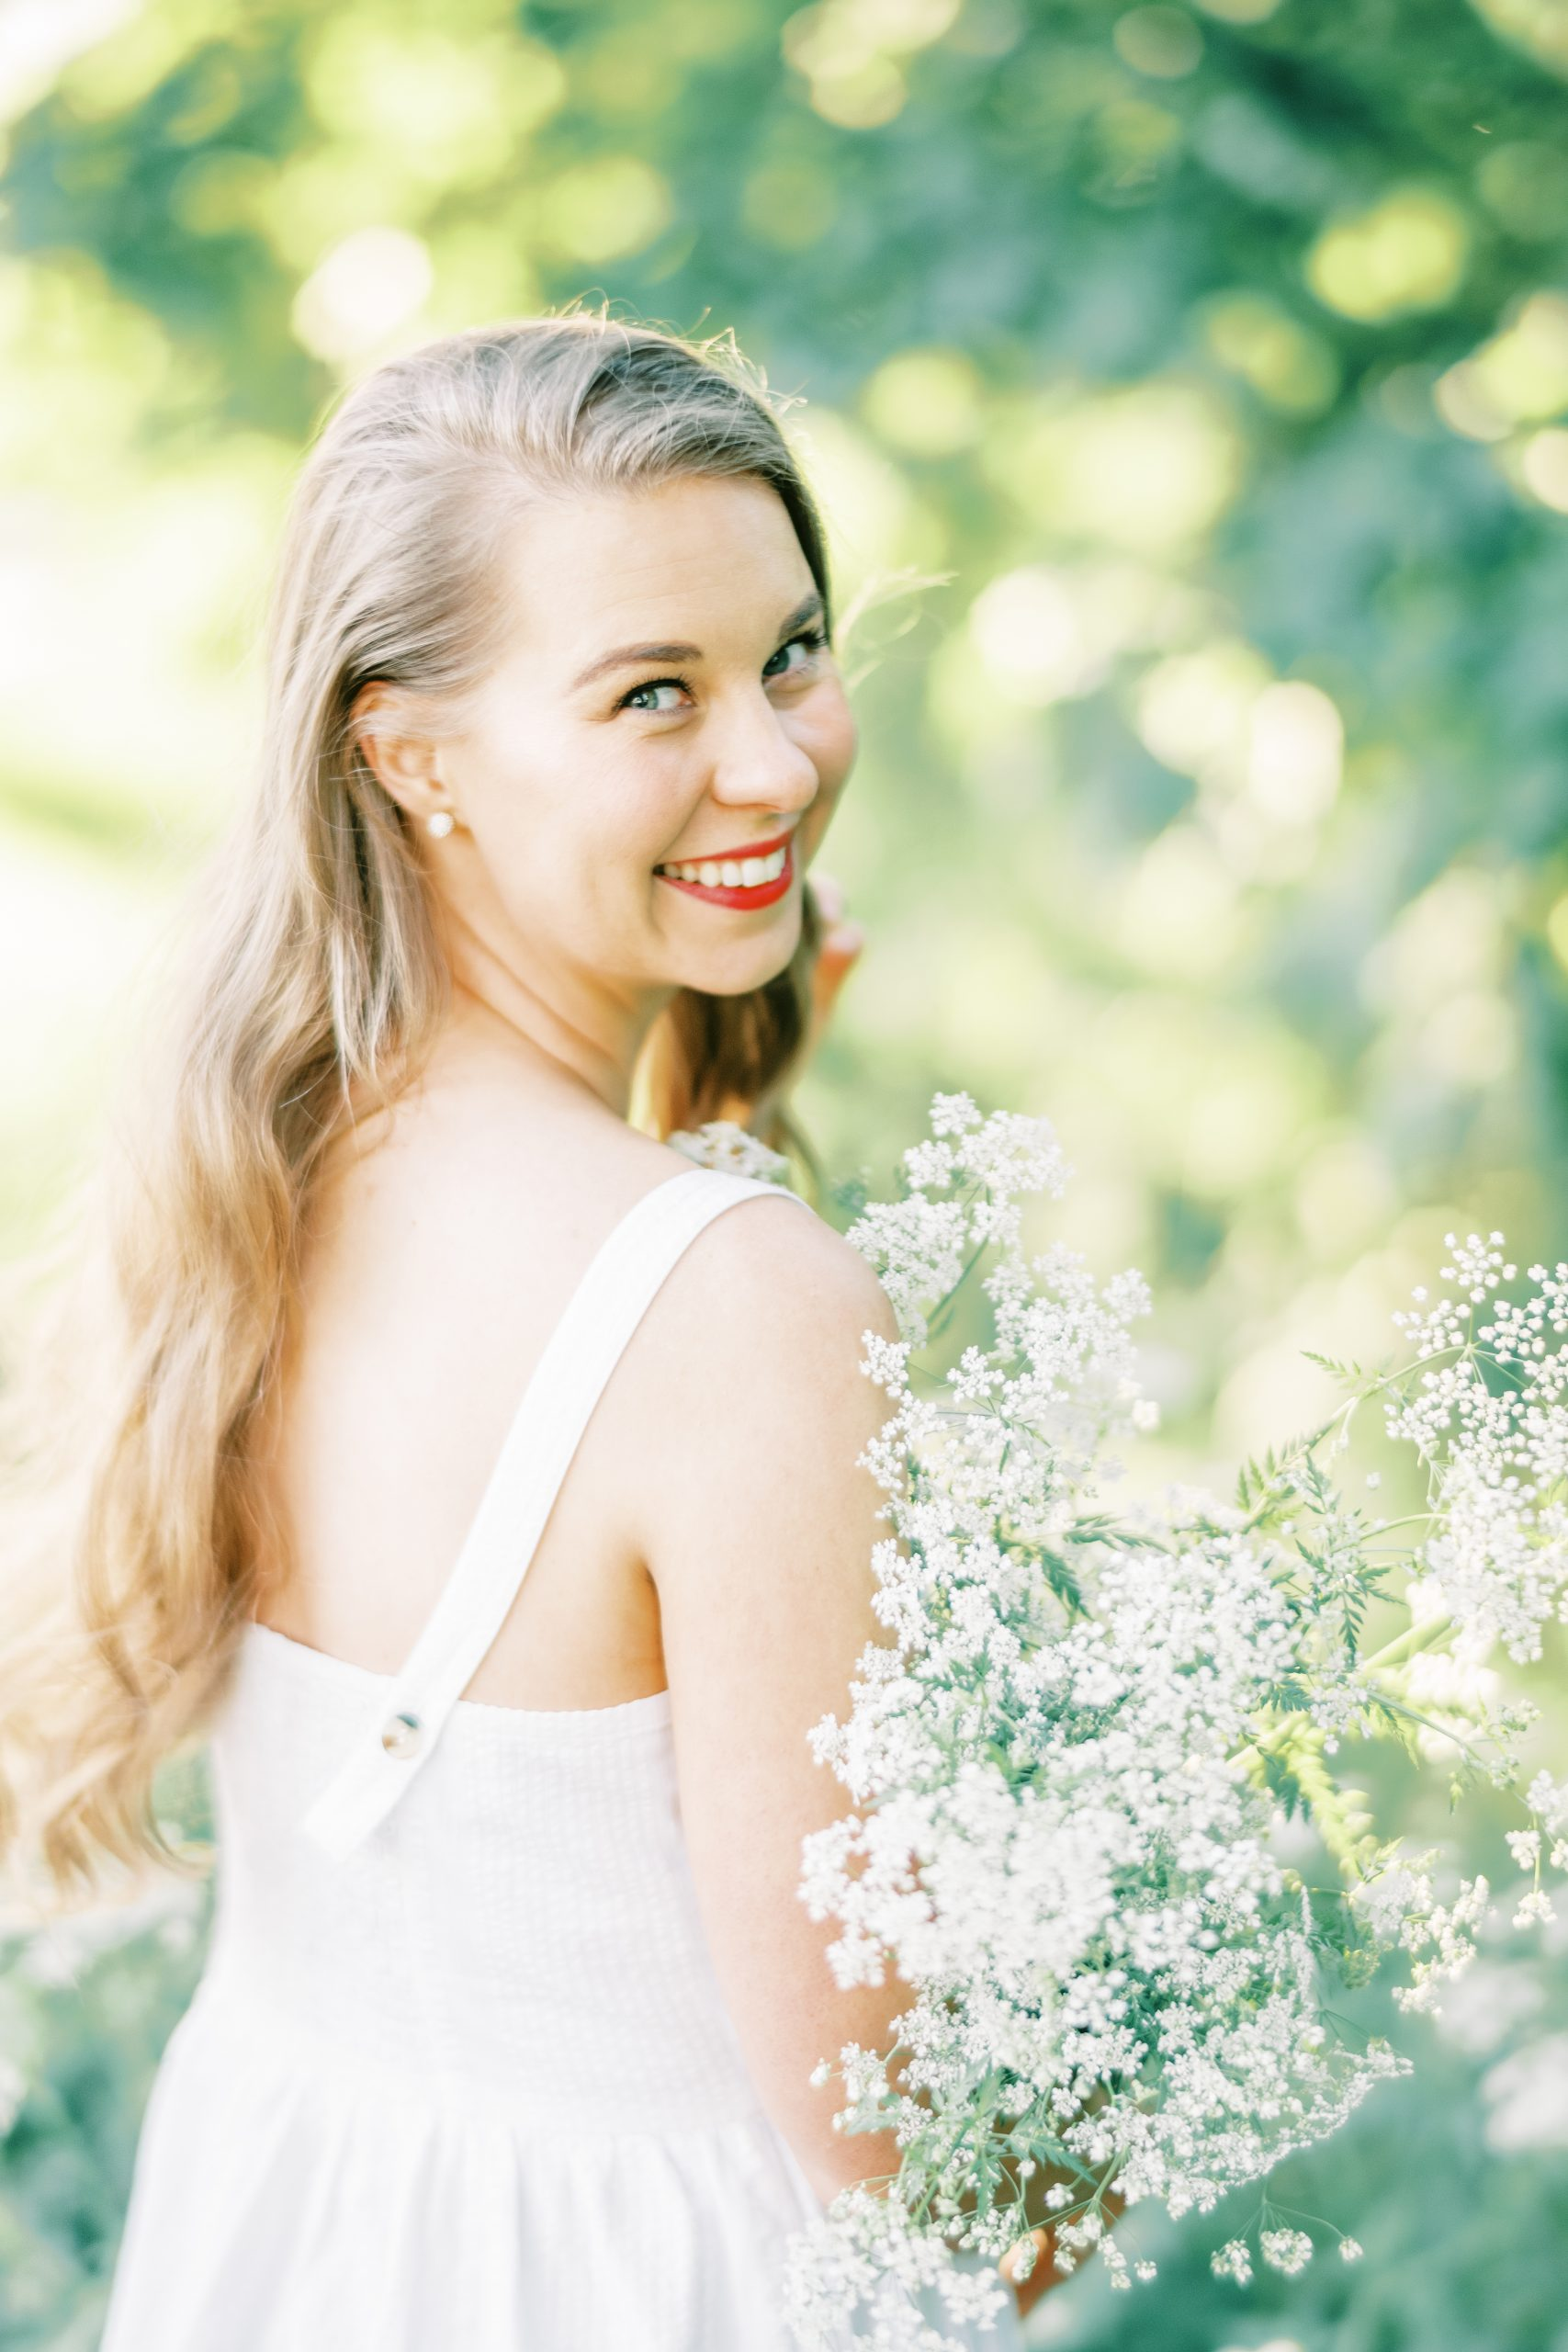 Midsummer 2020 Mona Visuri & Camilla Bloom